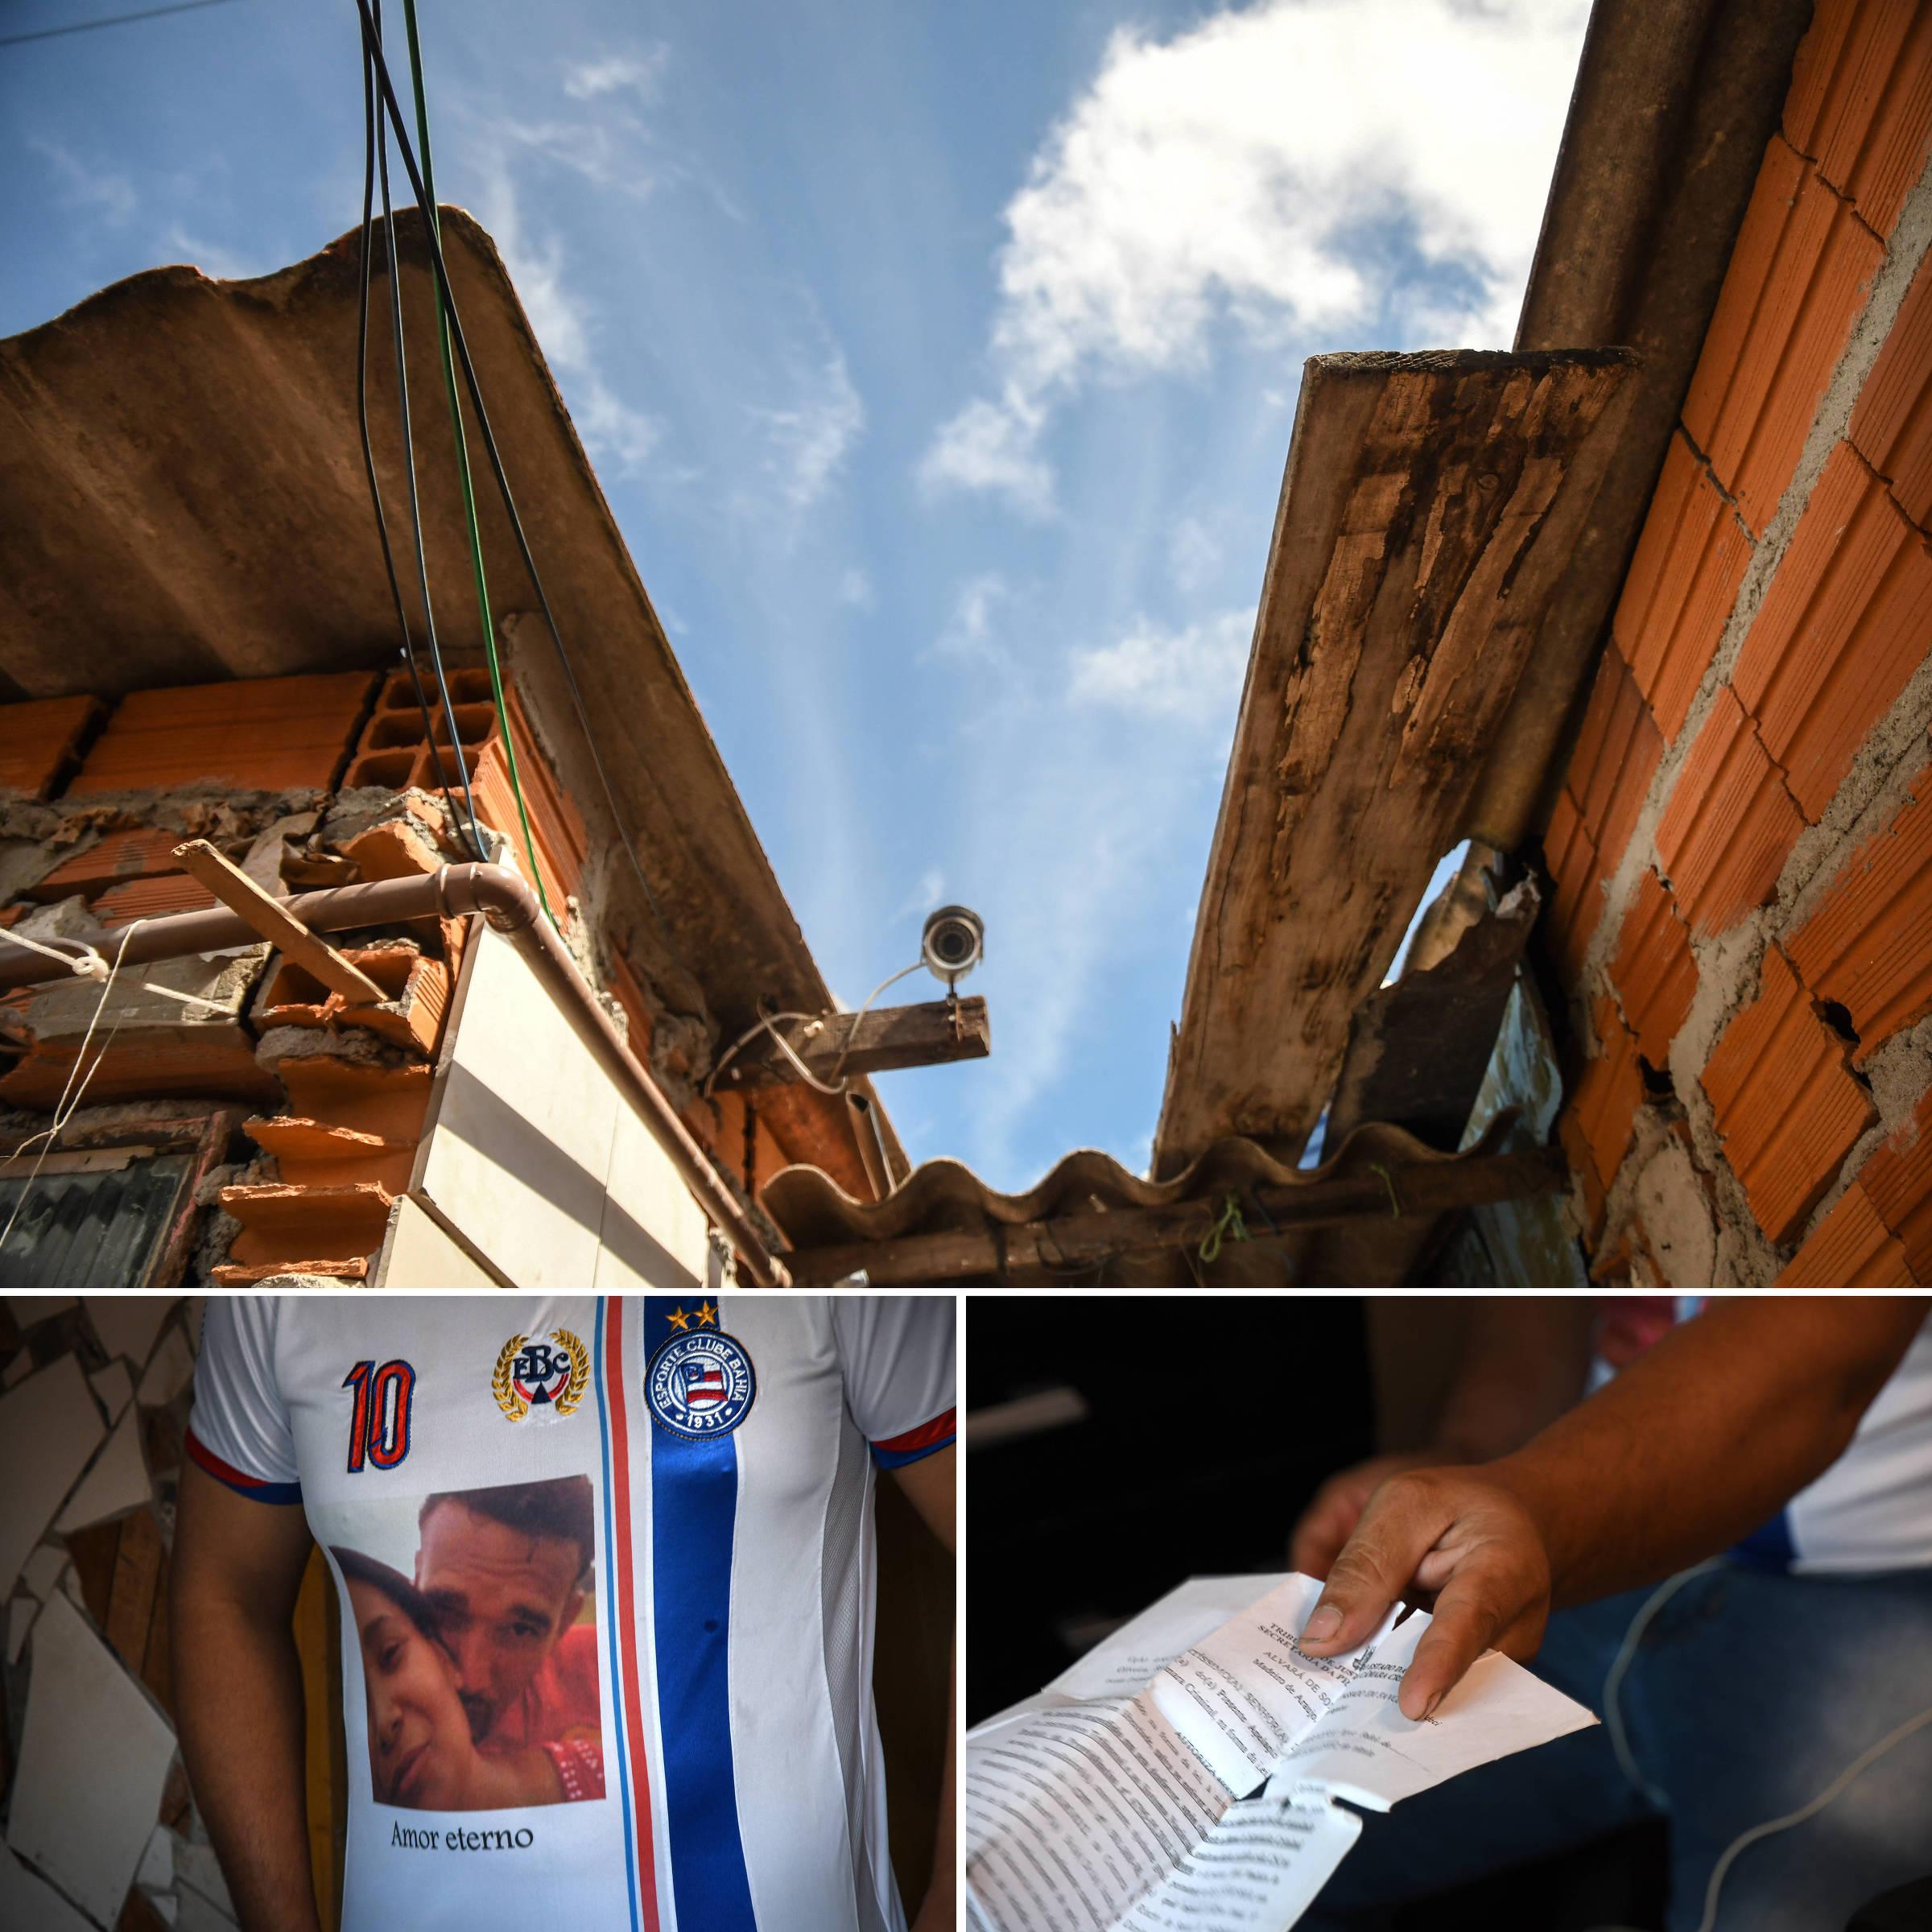 Aldeci Madeiro em sua casa, em Mogi das Cruzes; no detalhe, o alvará de soltura com o qual passou a andar após a prisão